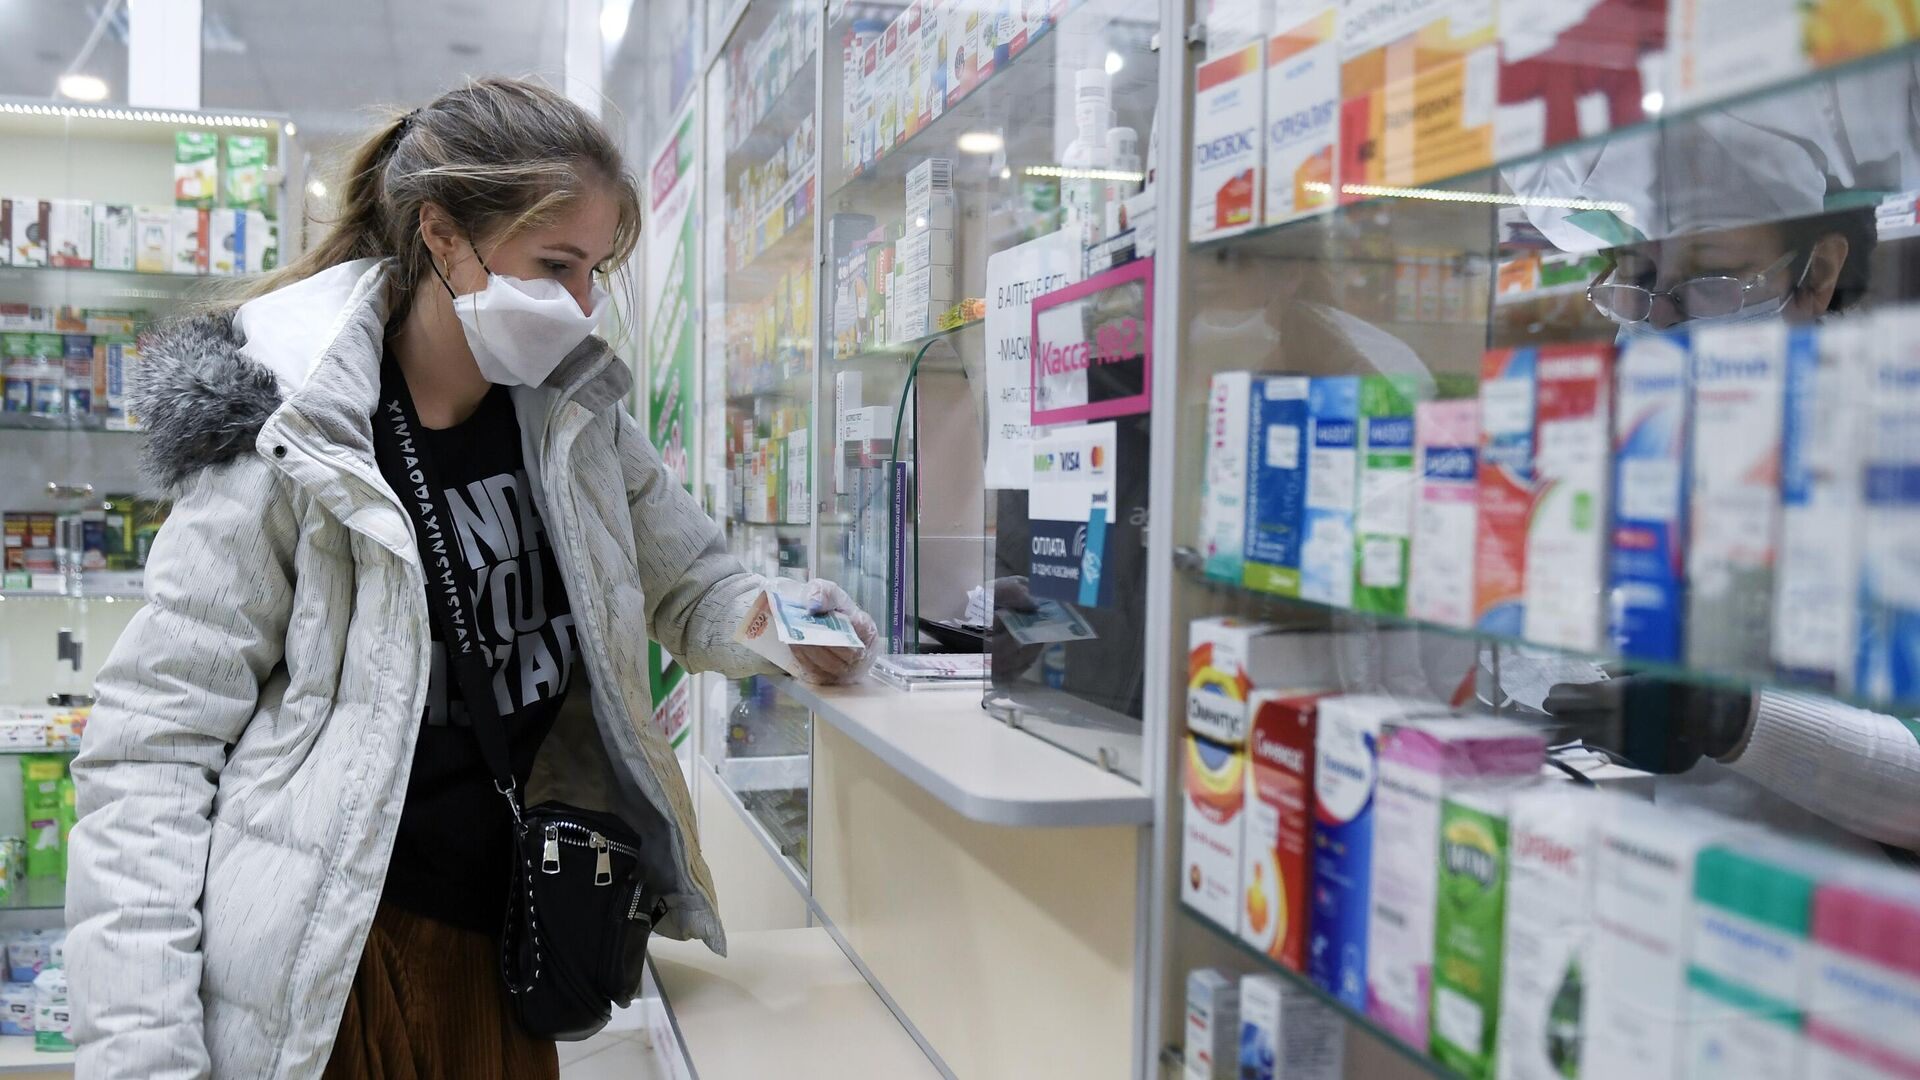 Покупка лекарств в одной из аптек Симферополя - РИА Новости, 1920, 27.10.2020